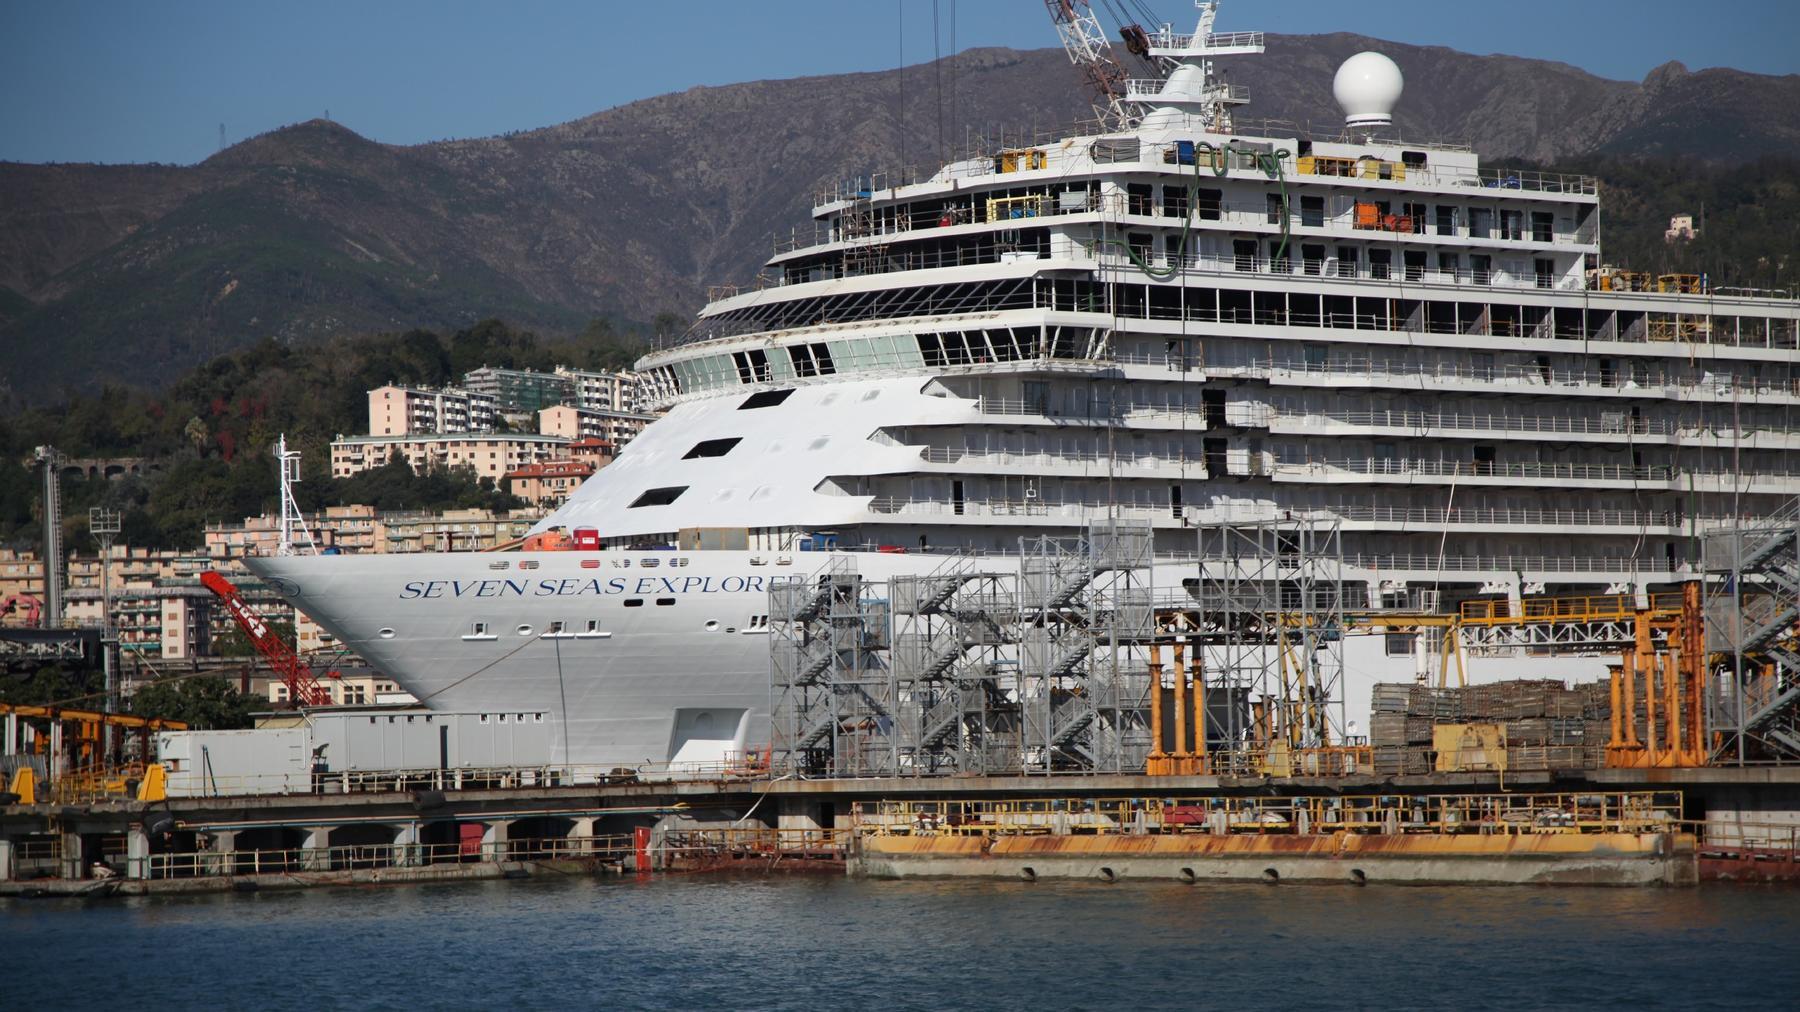 Schwimmender Luxus - Das Super-Schiff 1